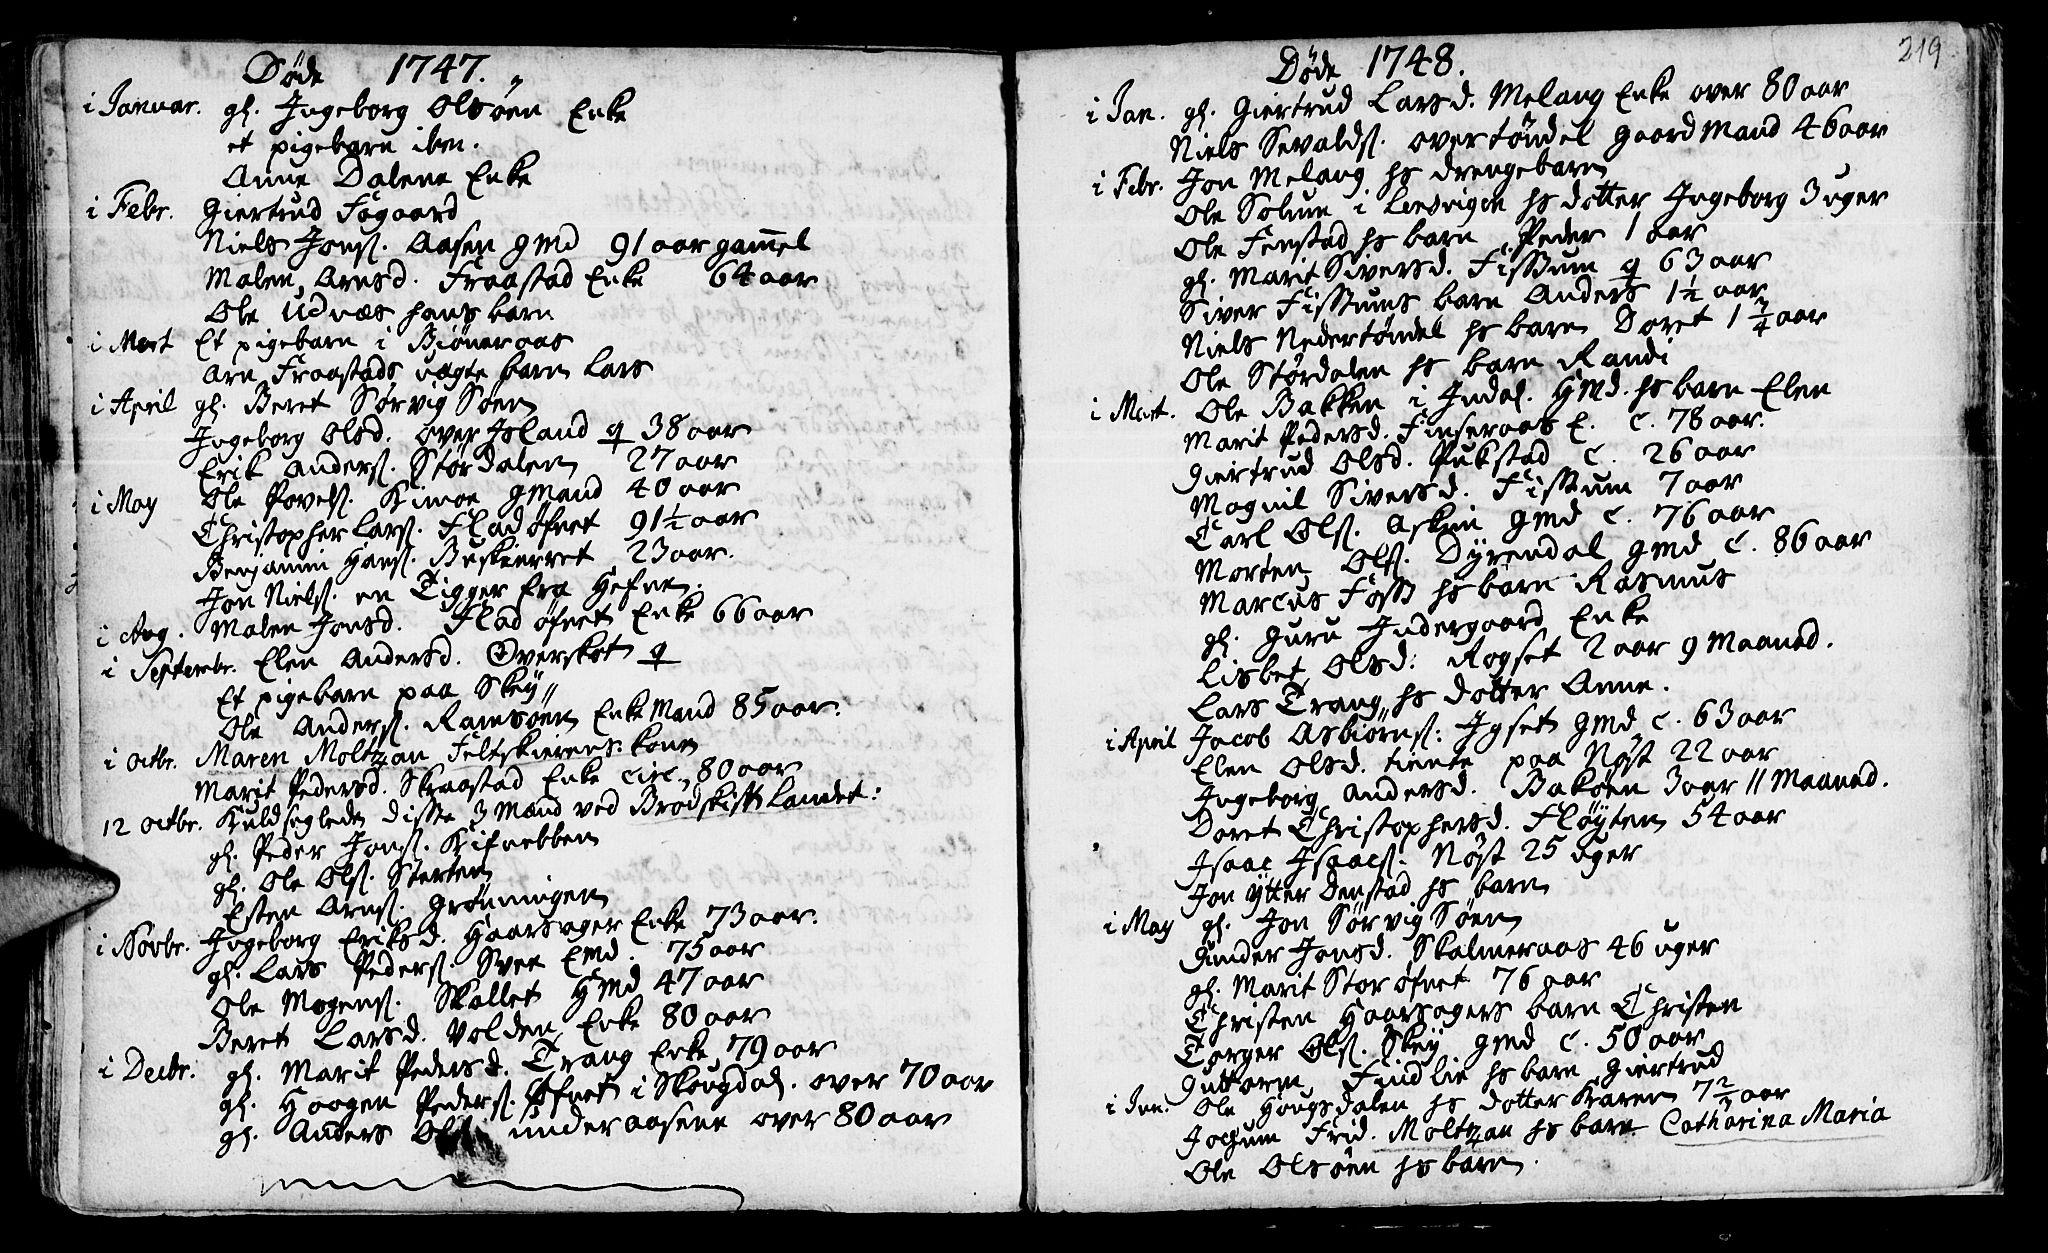 SAT, Ministerialprotokoller, klokkerbøker og fødselsregistre - Sør-Trøndelag, 646/L0604: Ministerialbok nr. 646A02, 1735-1750, s. 218-219